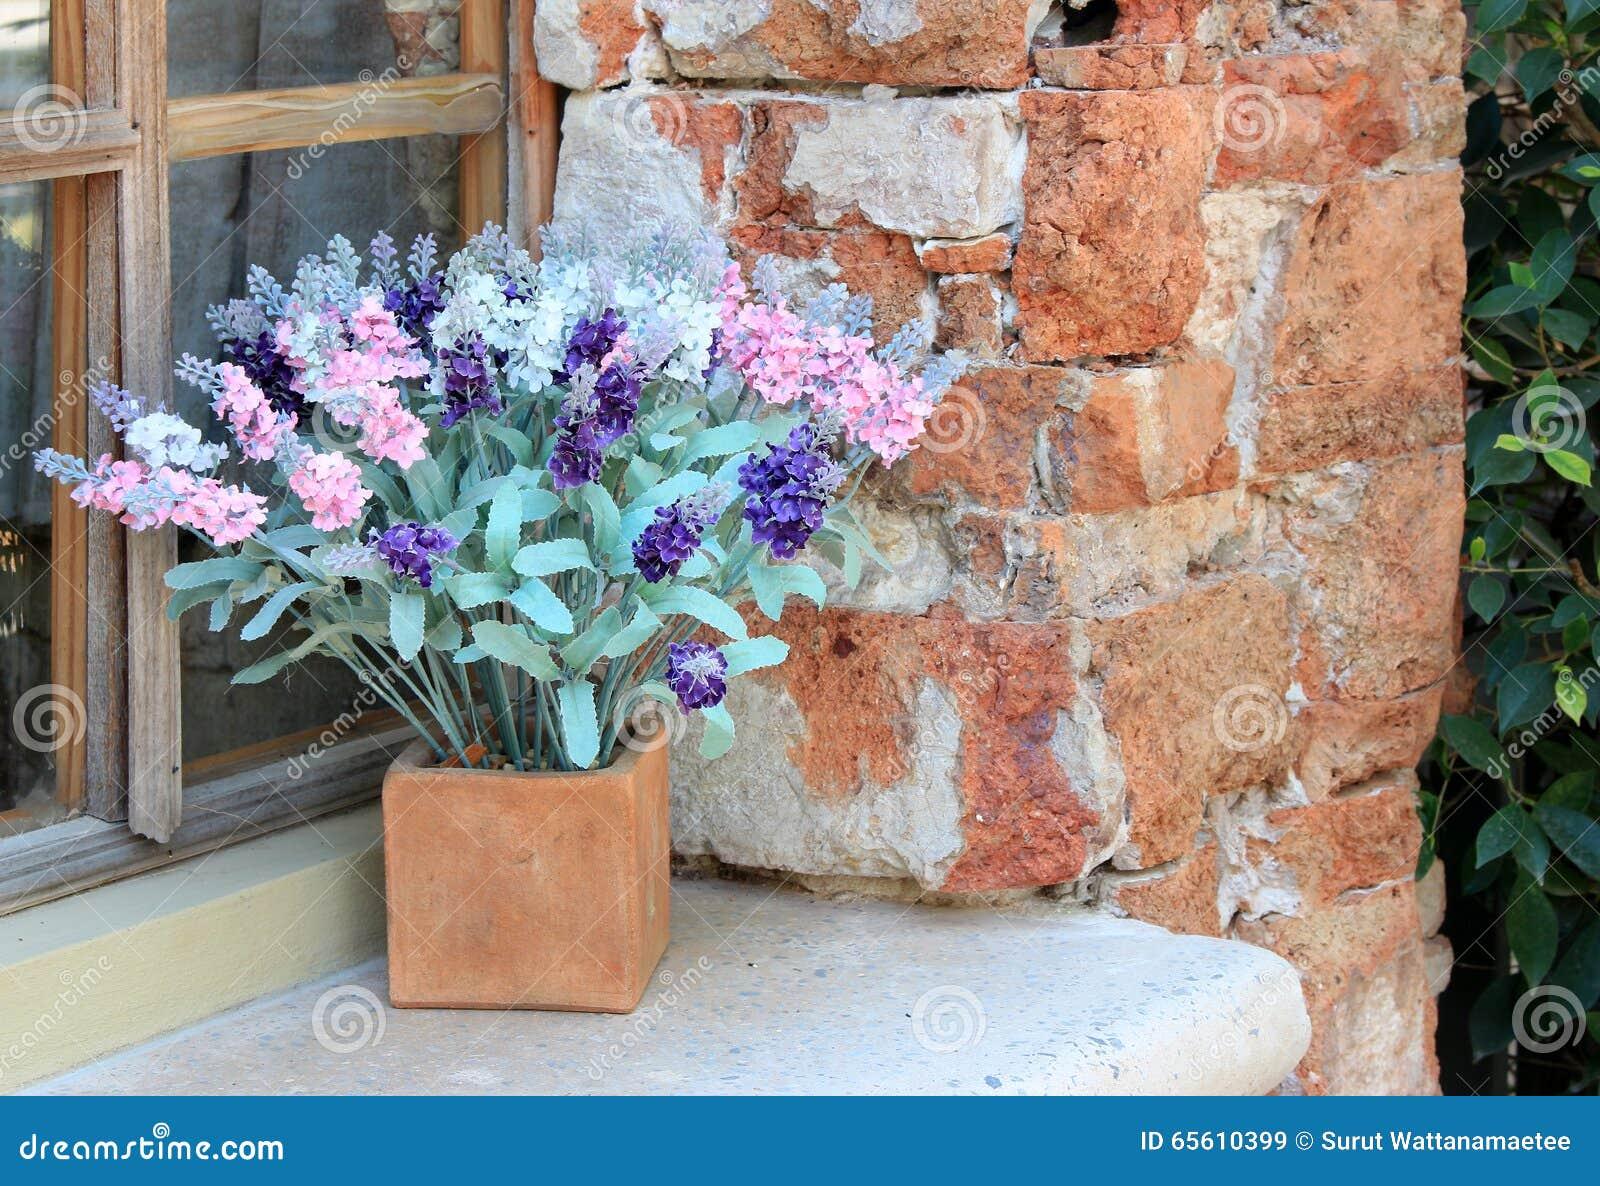 Blumenkasten im Fenster stockbild. Bild von schönheit - 65610399